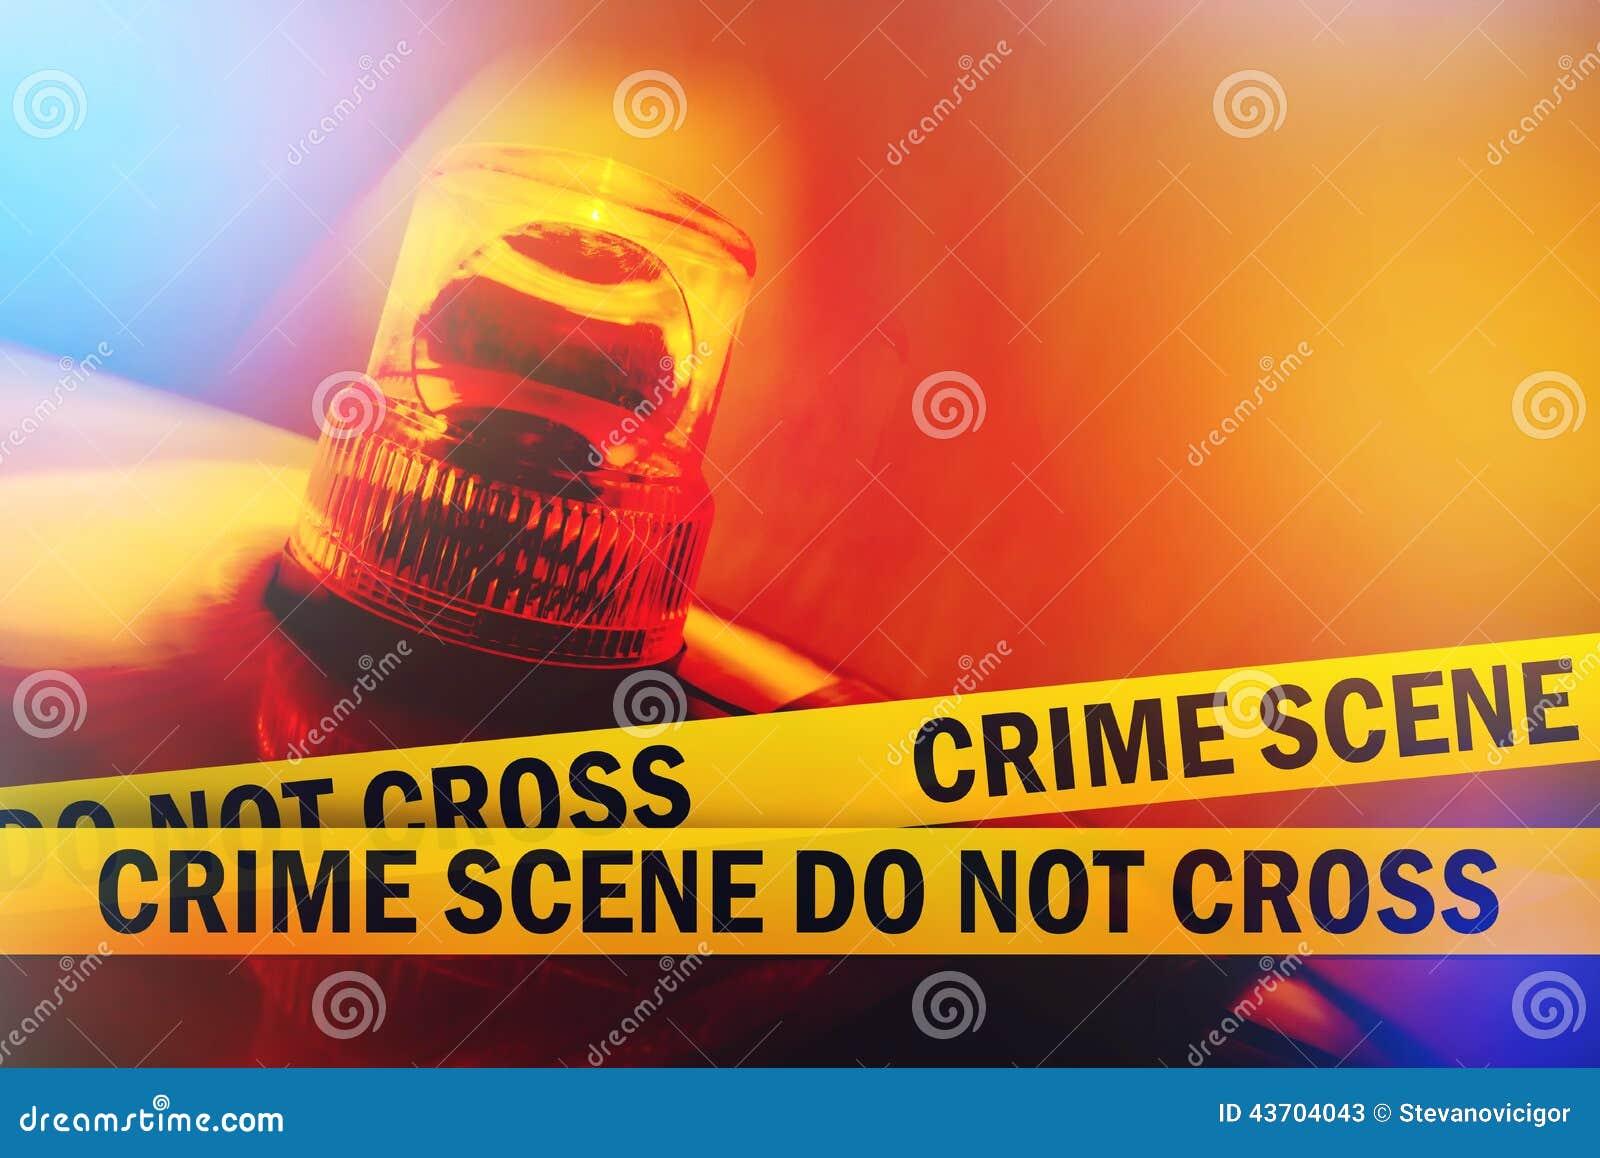 La escena del crimen no cruza